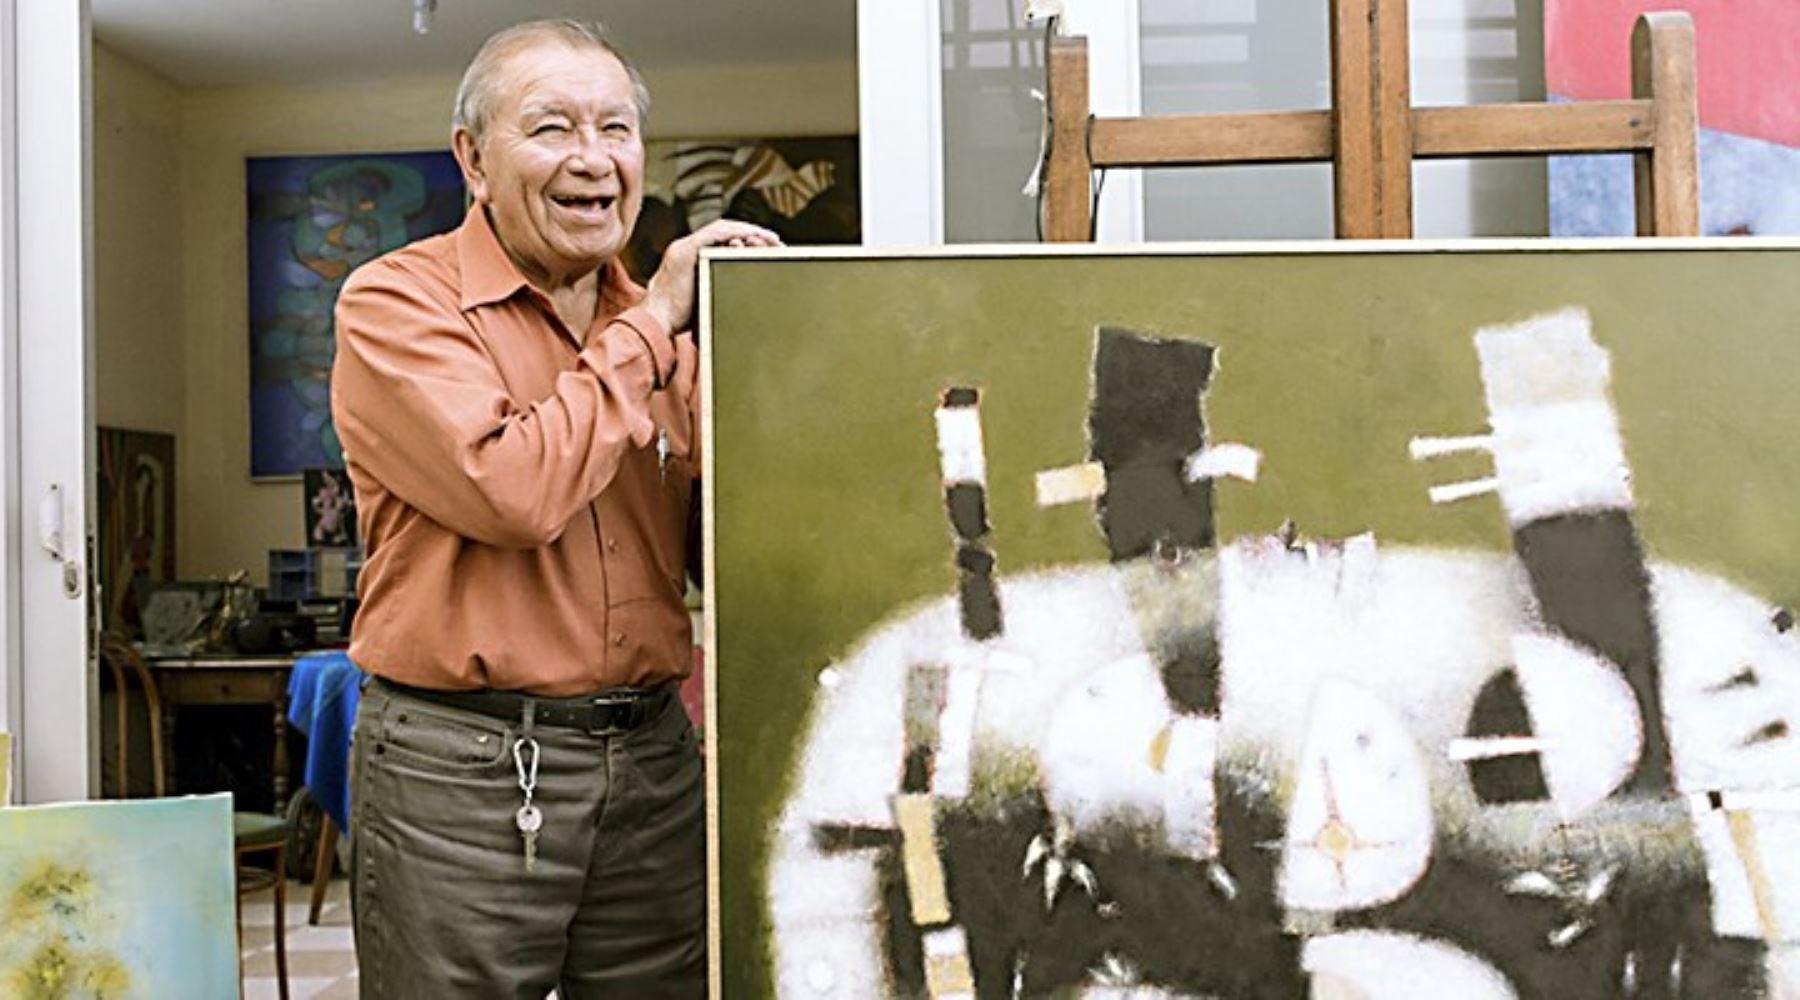 Pintor Enrique Galdos Rivas